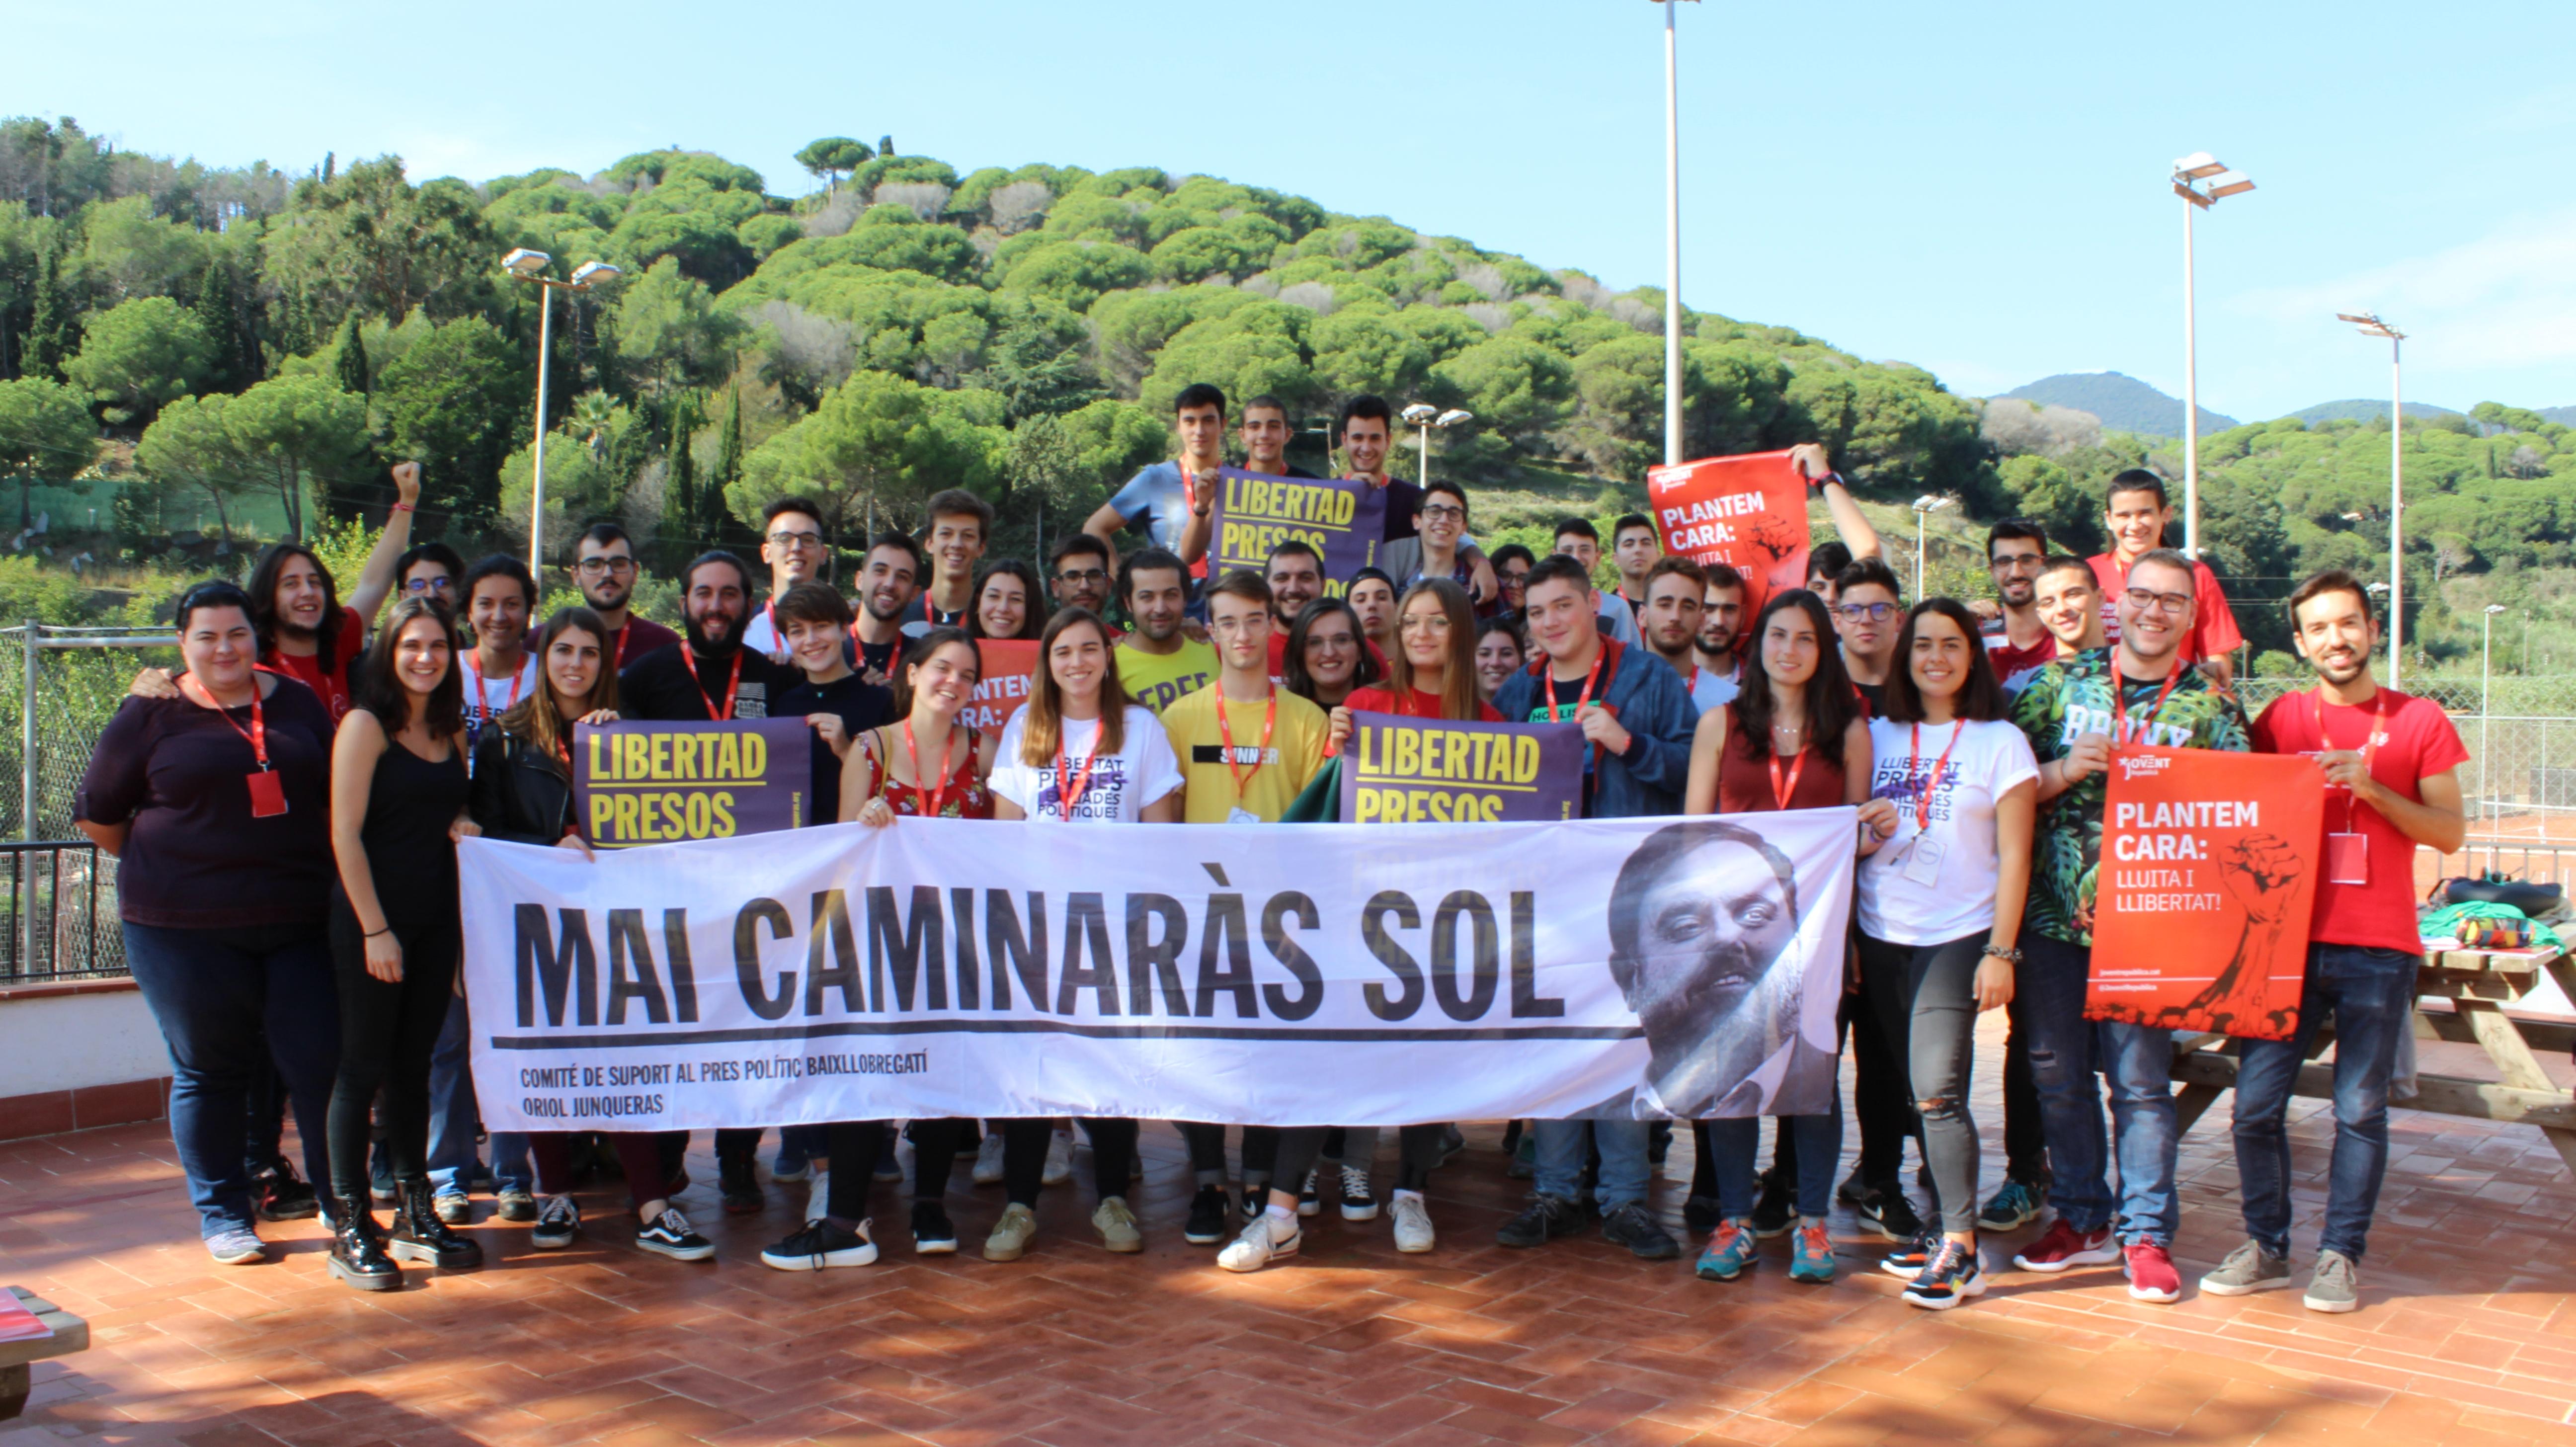 El Jovent Republicà del Baix Llobregat organitza l'Escola de Formació més participativa enfocada en les eleccions municipals